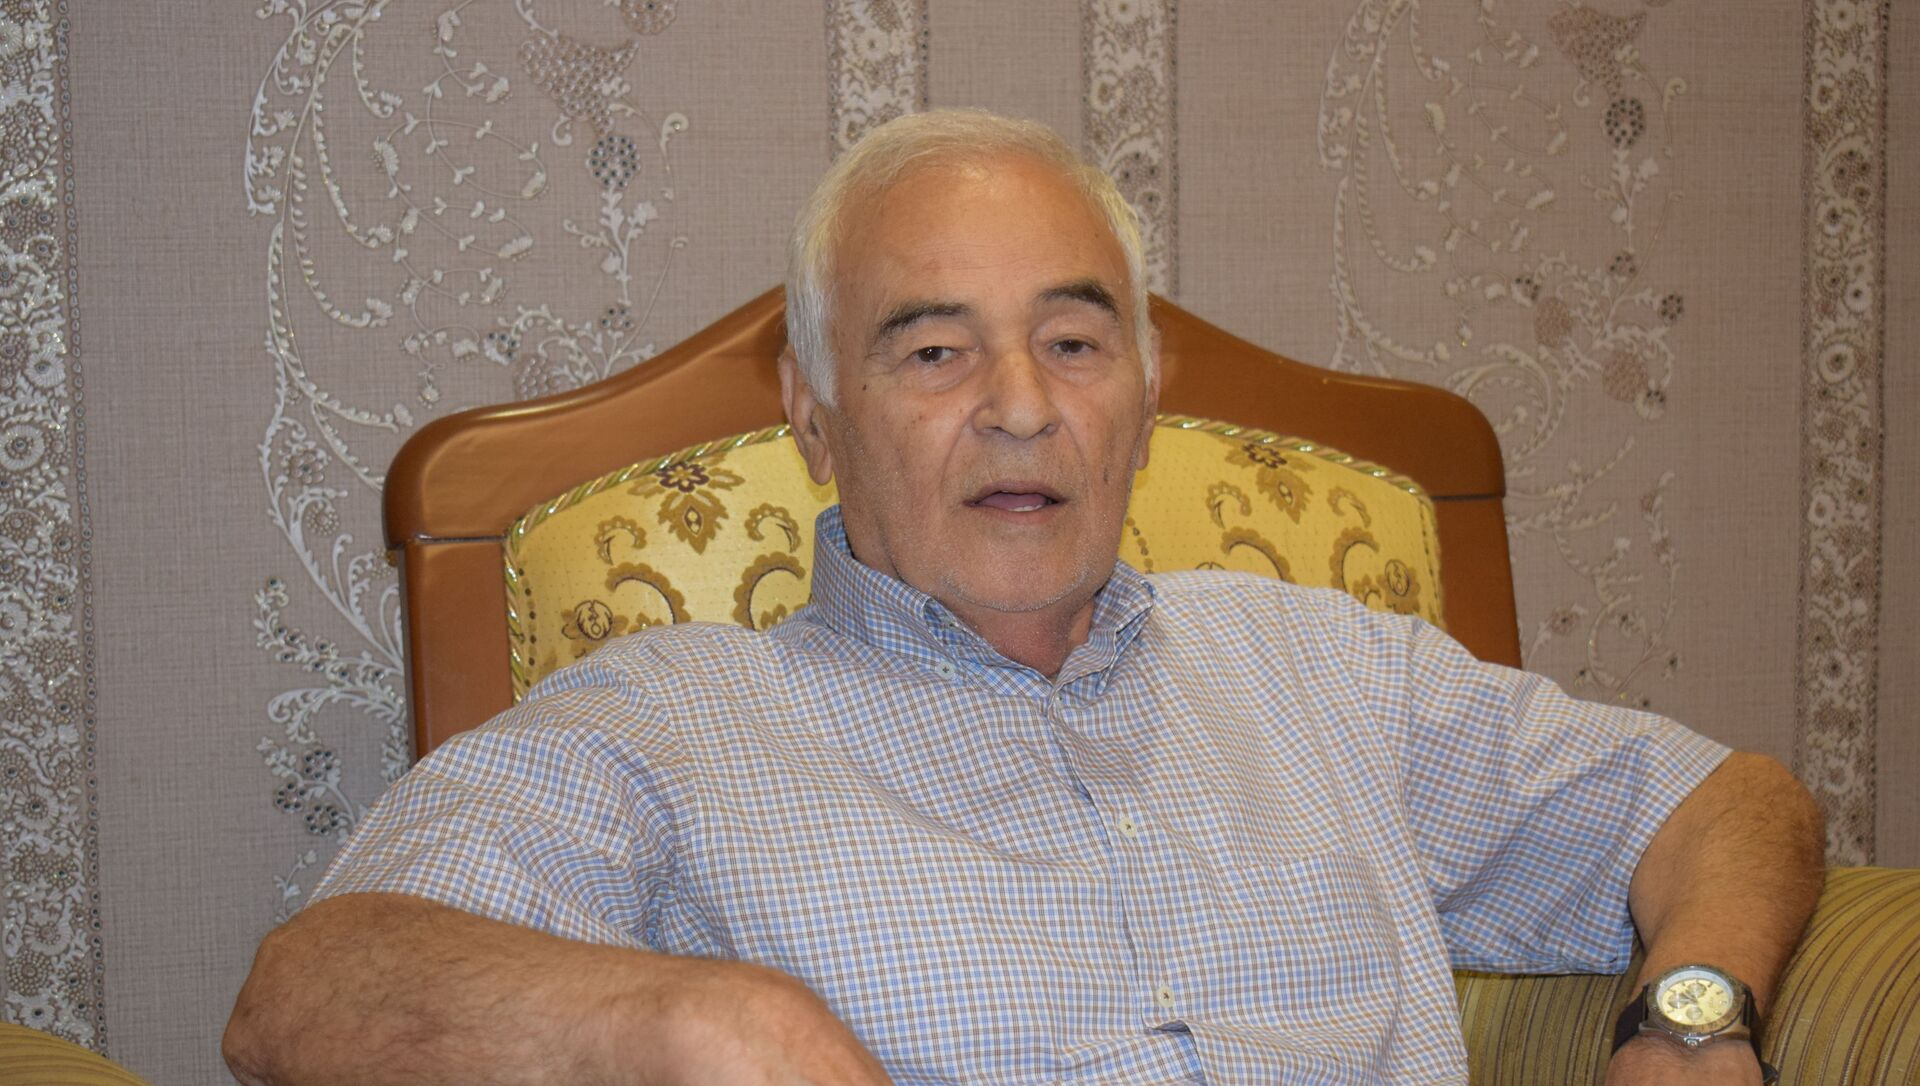 Əməkdar İncəsənət xadimi, professor Amin Novruzov - Sputnik Azərbaycan, 1920, 18.09.2021